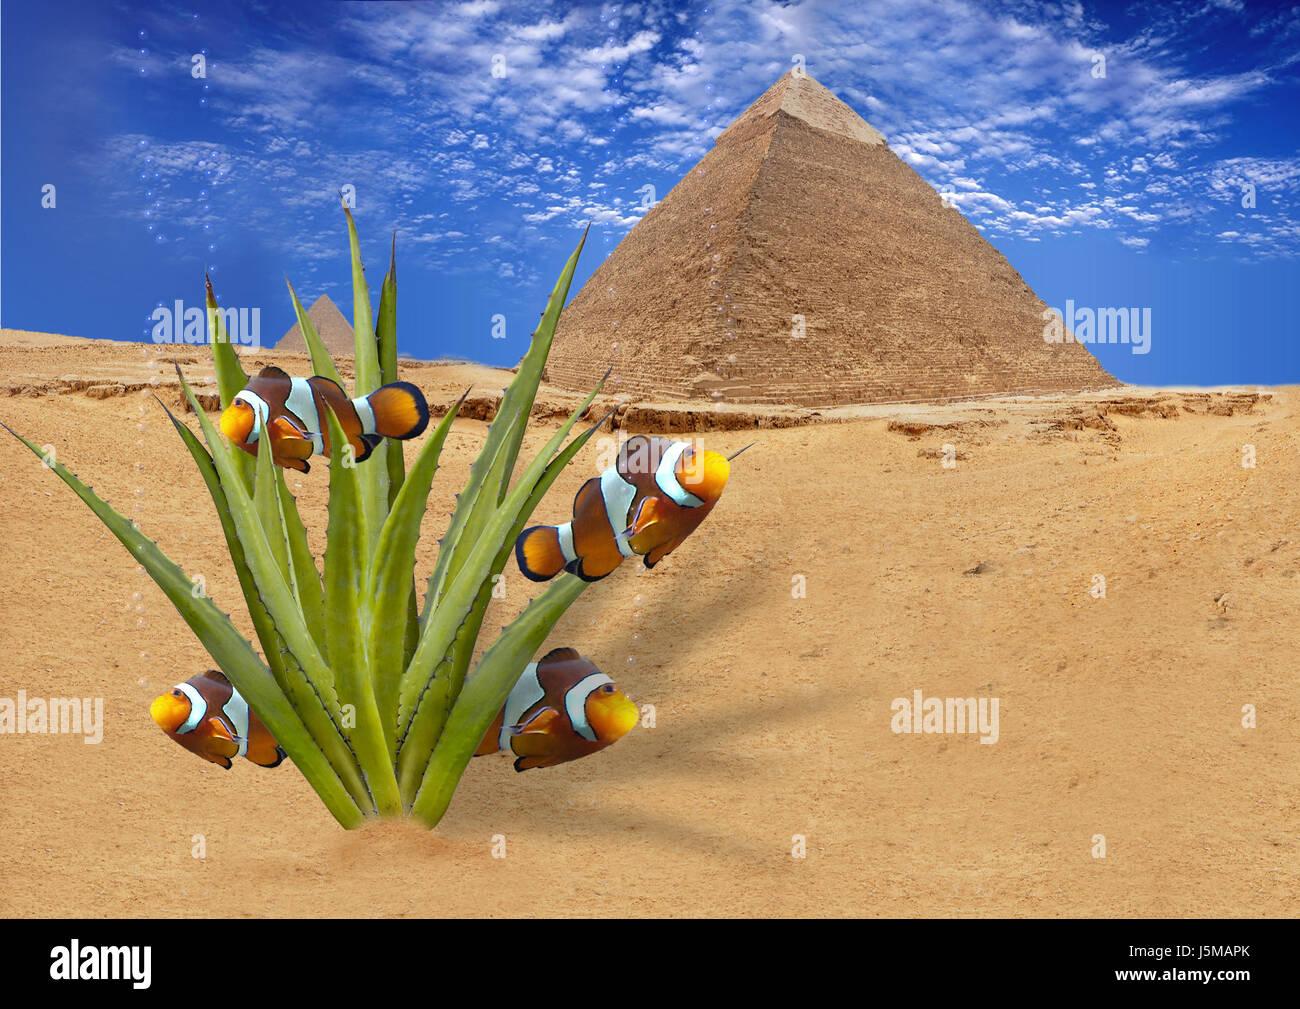 Blue existe vida existencia vivir el desierto de cactus de calor de fantasía Foto de stock